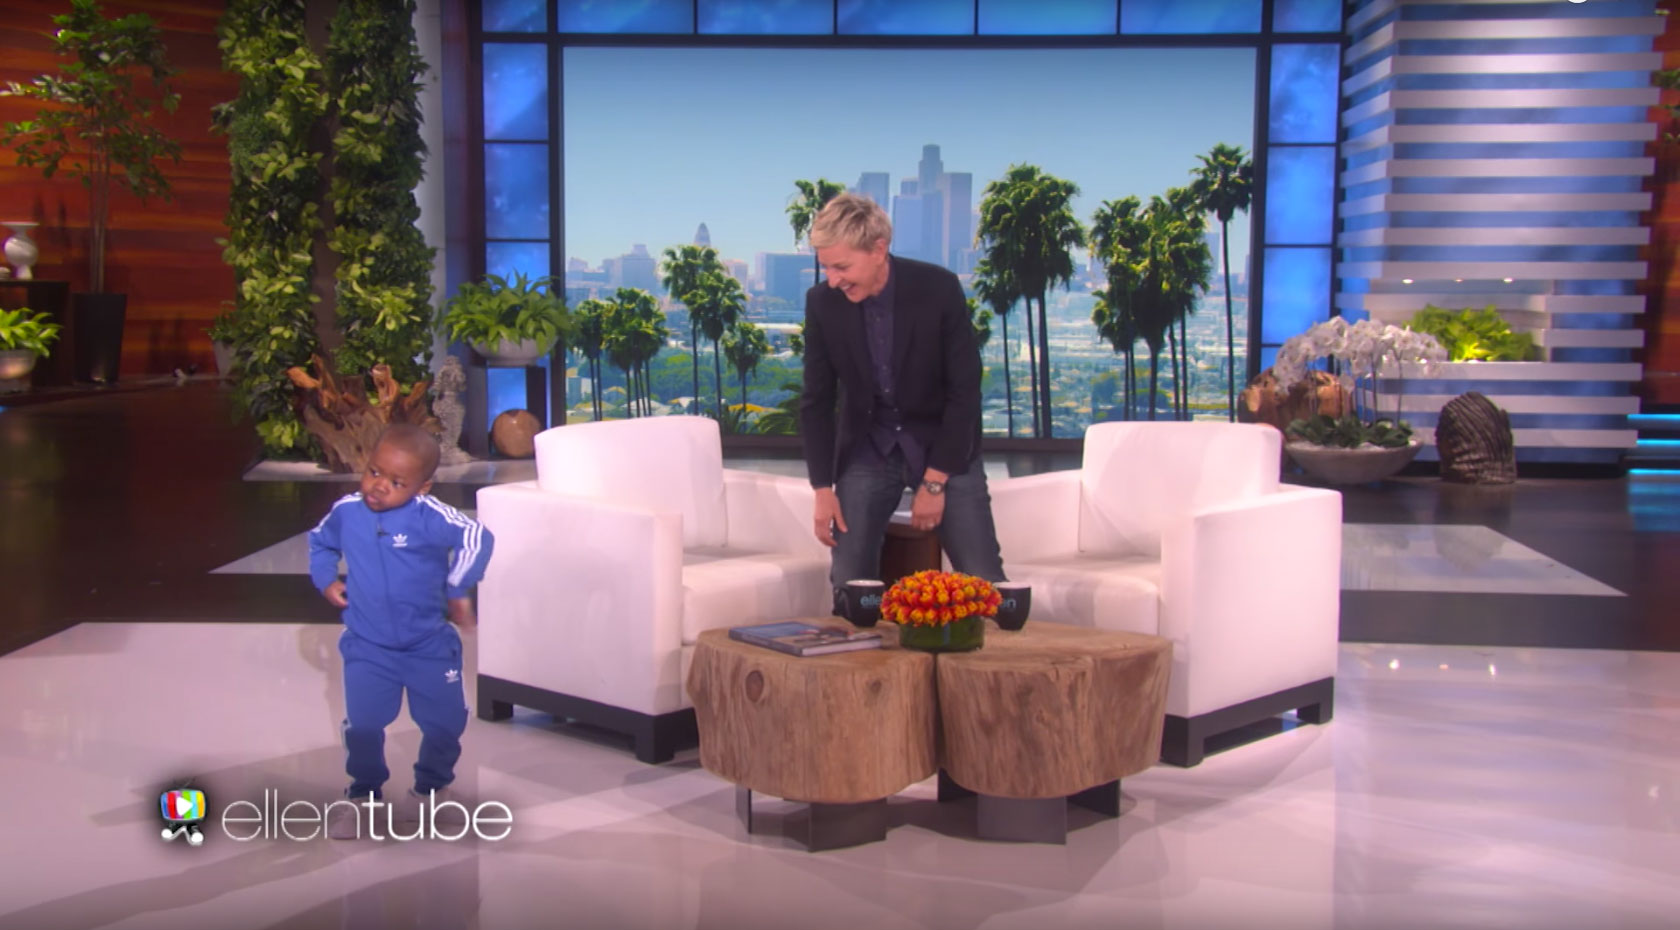 Ellen dancing kid